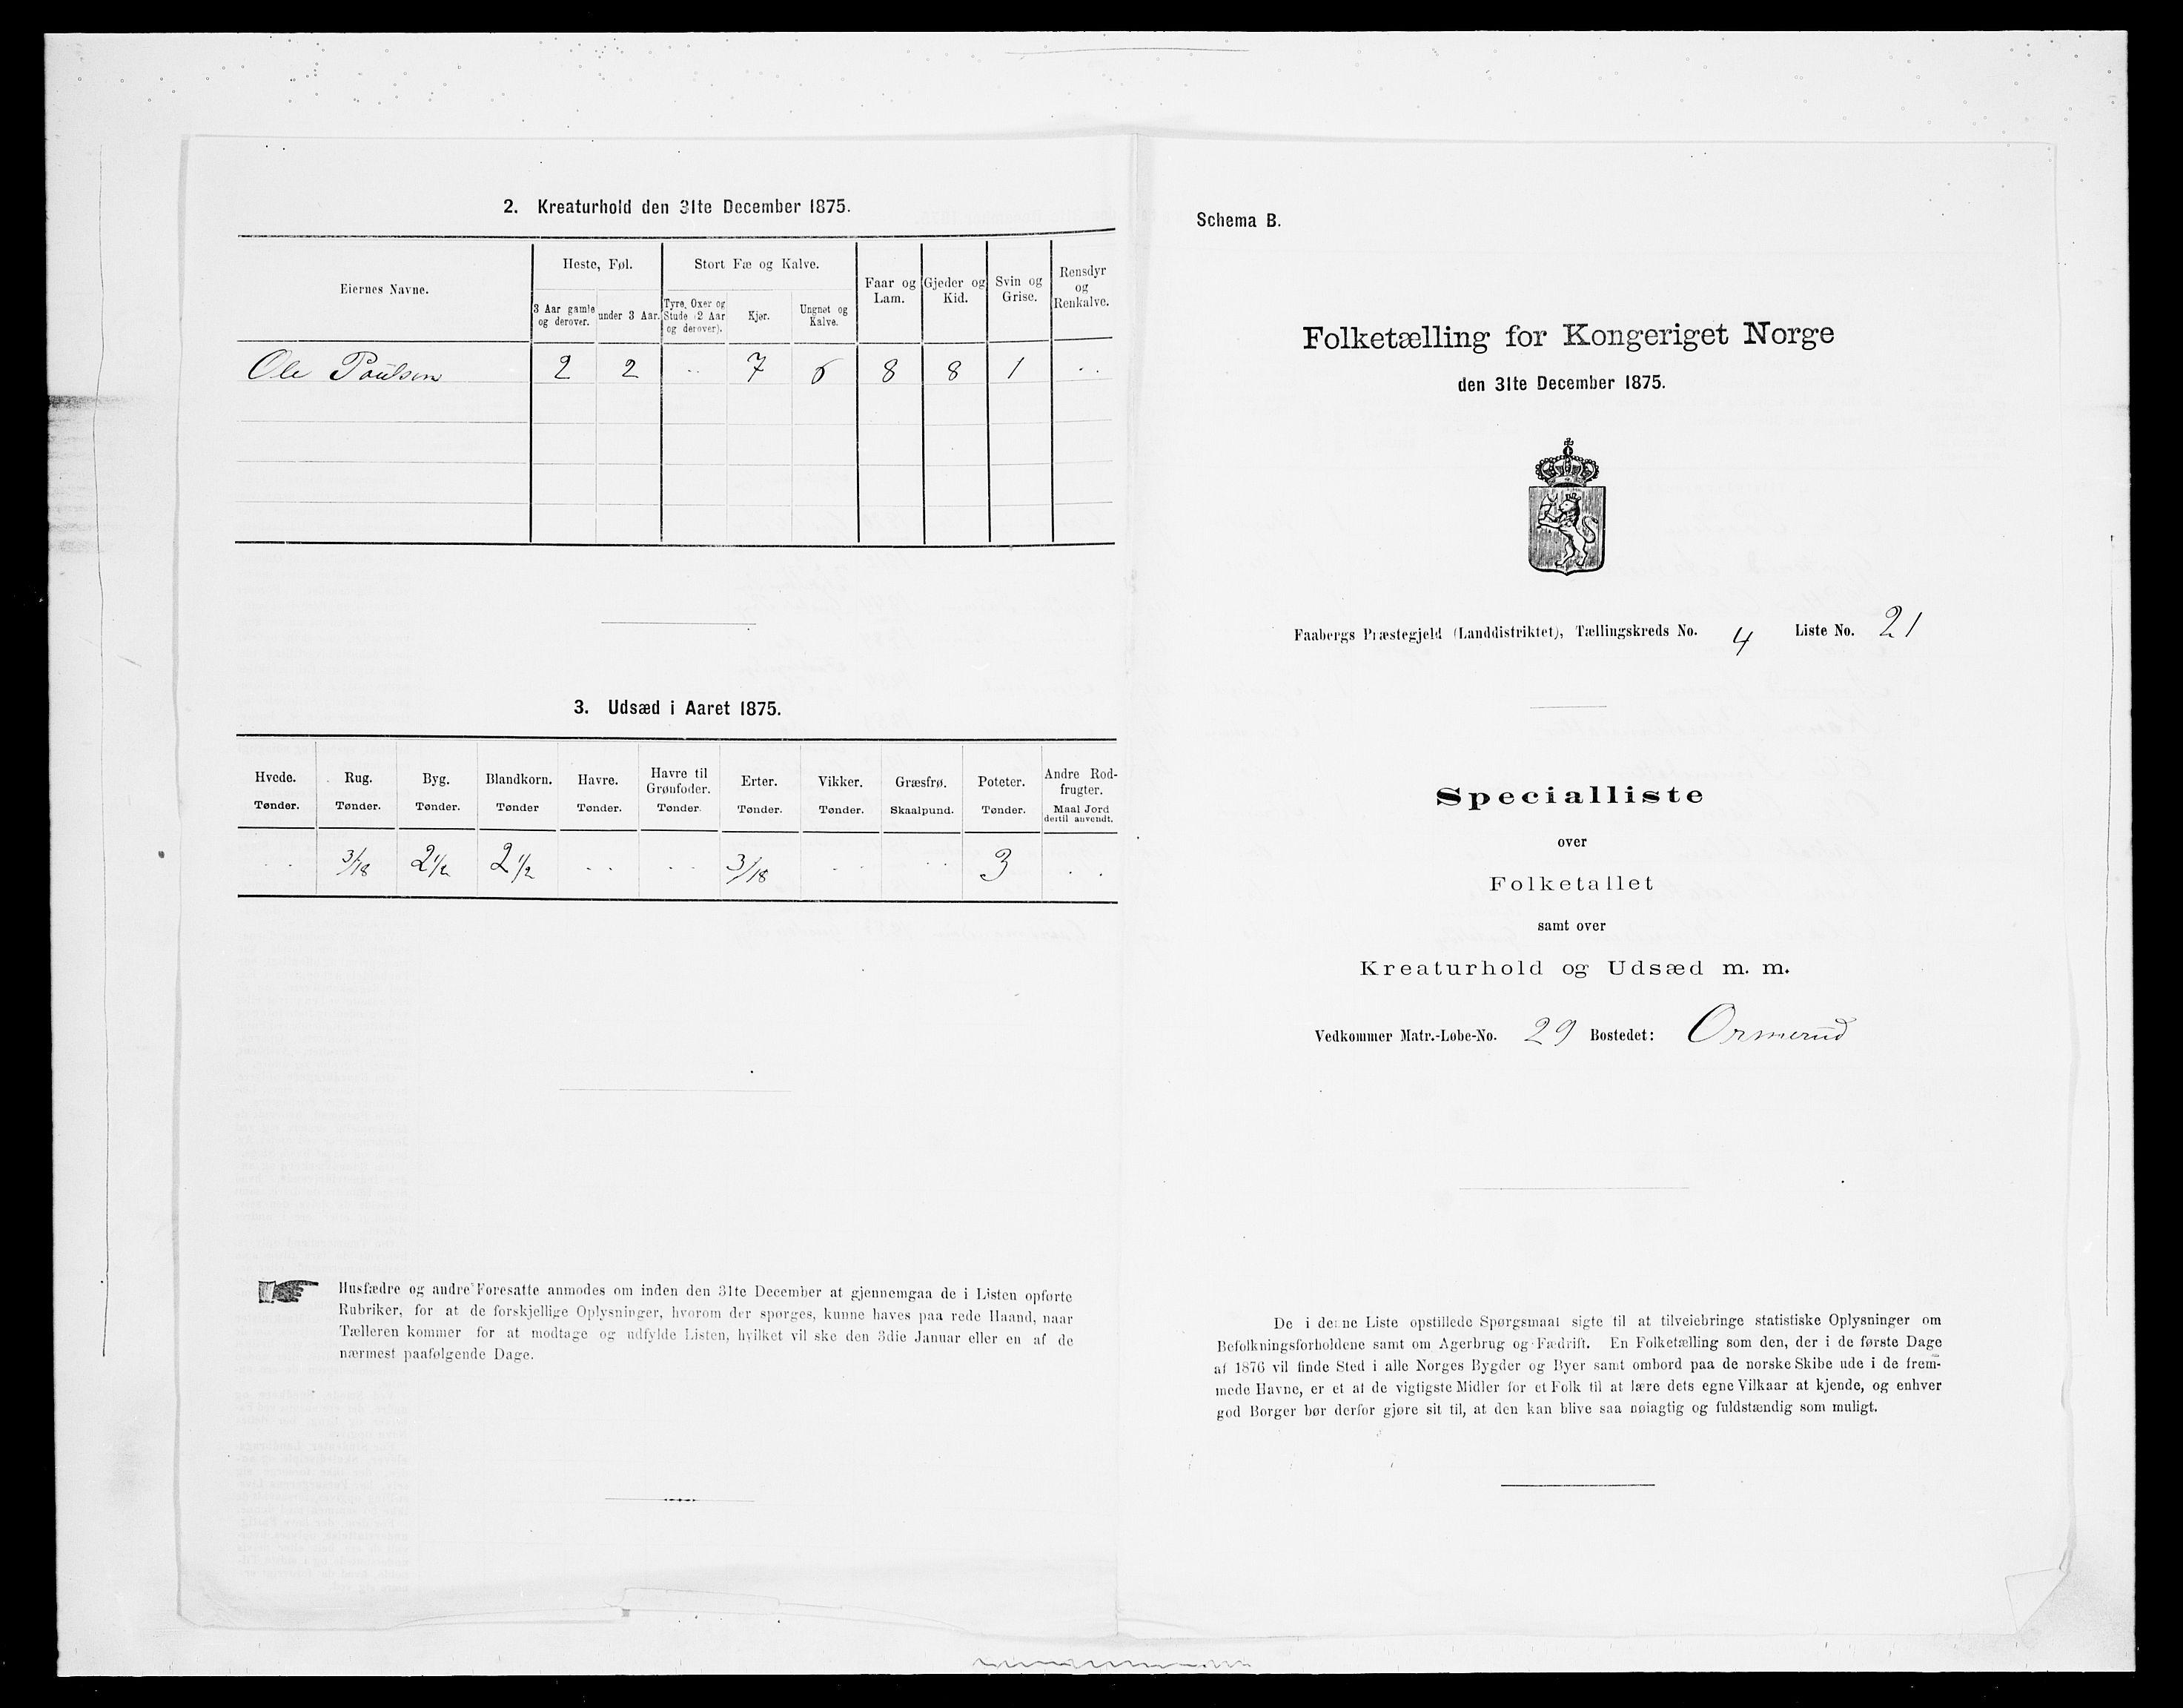 SAH, Folketelling 1875 for 0524L Fåberg prestegjeld, Fåberg sokn og Lillehammer landsokn, 1875, s. 533